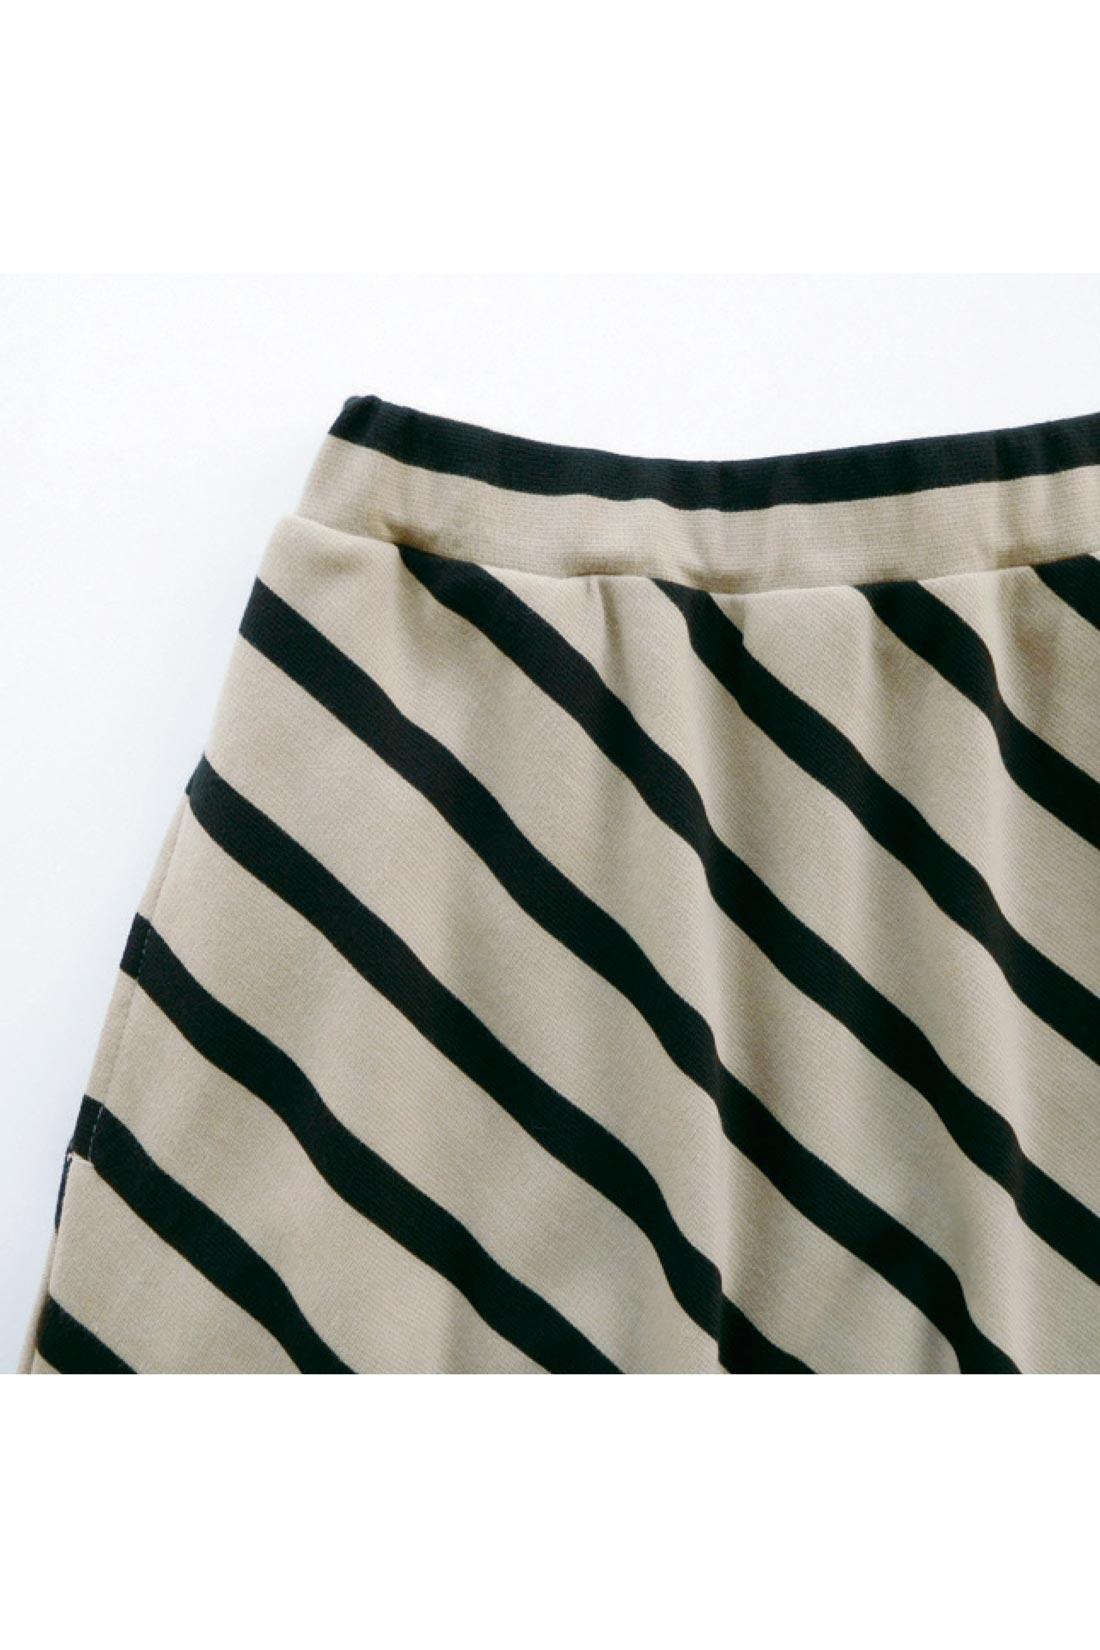 斜めストライプのカットソーのスカートはアートなムード